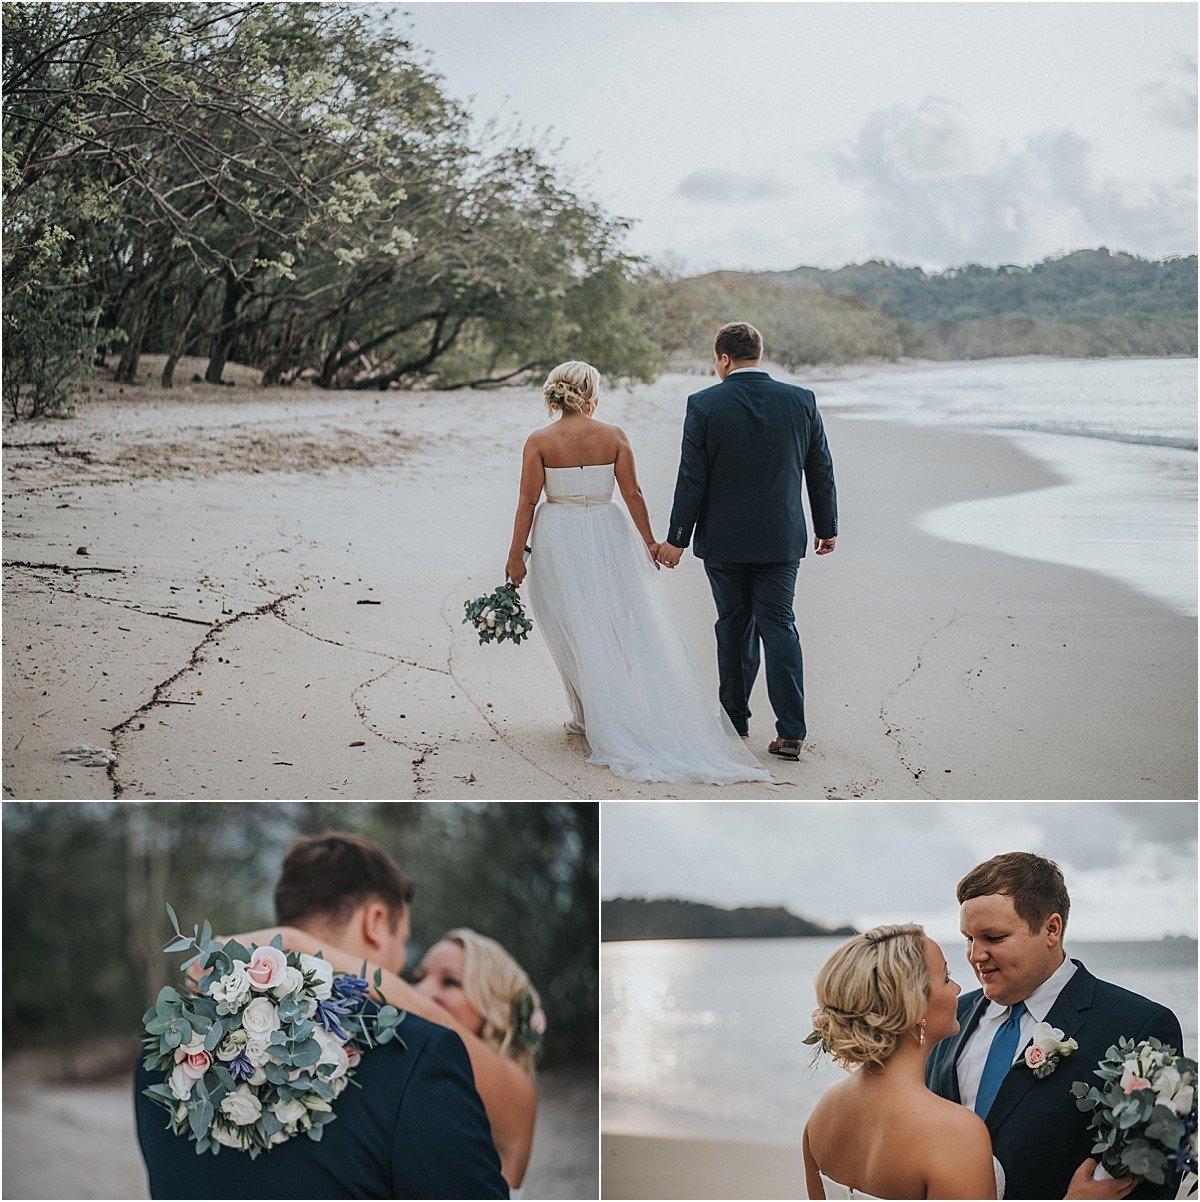 shore walk beach bouquet